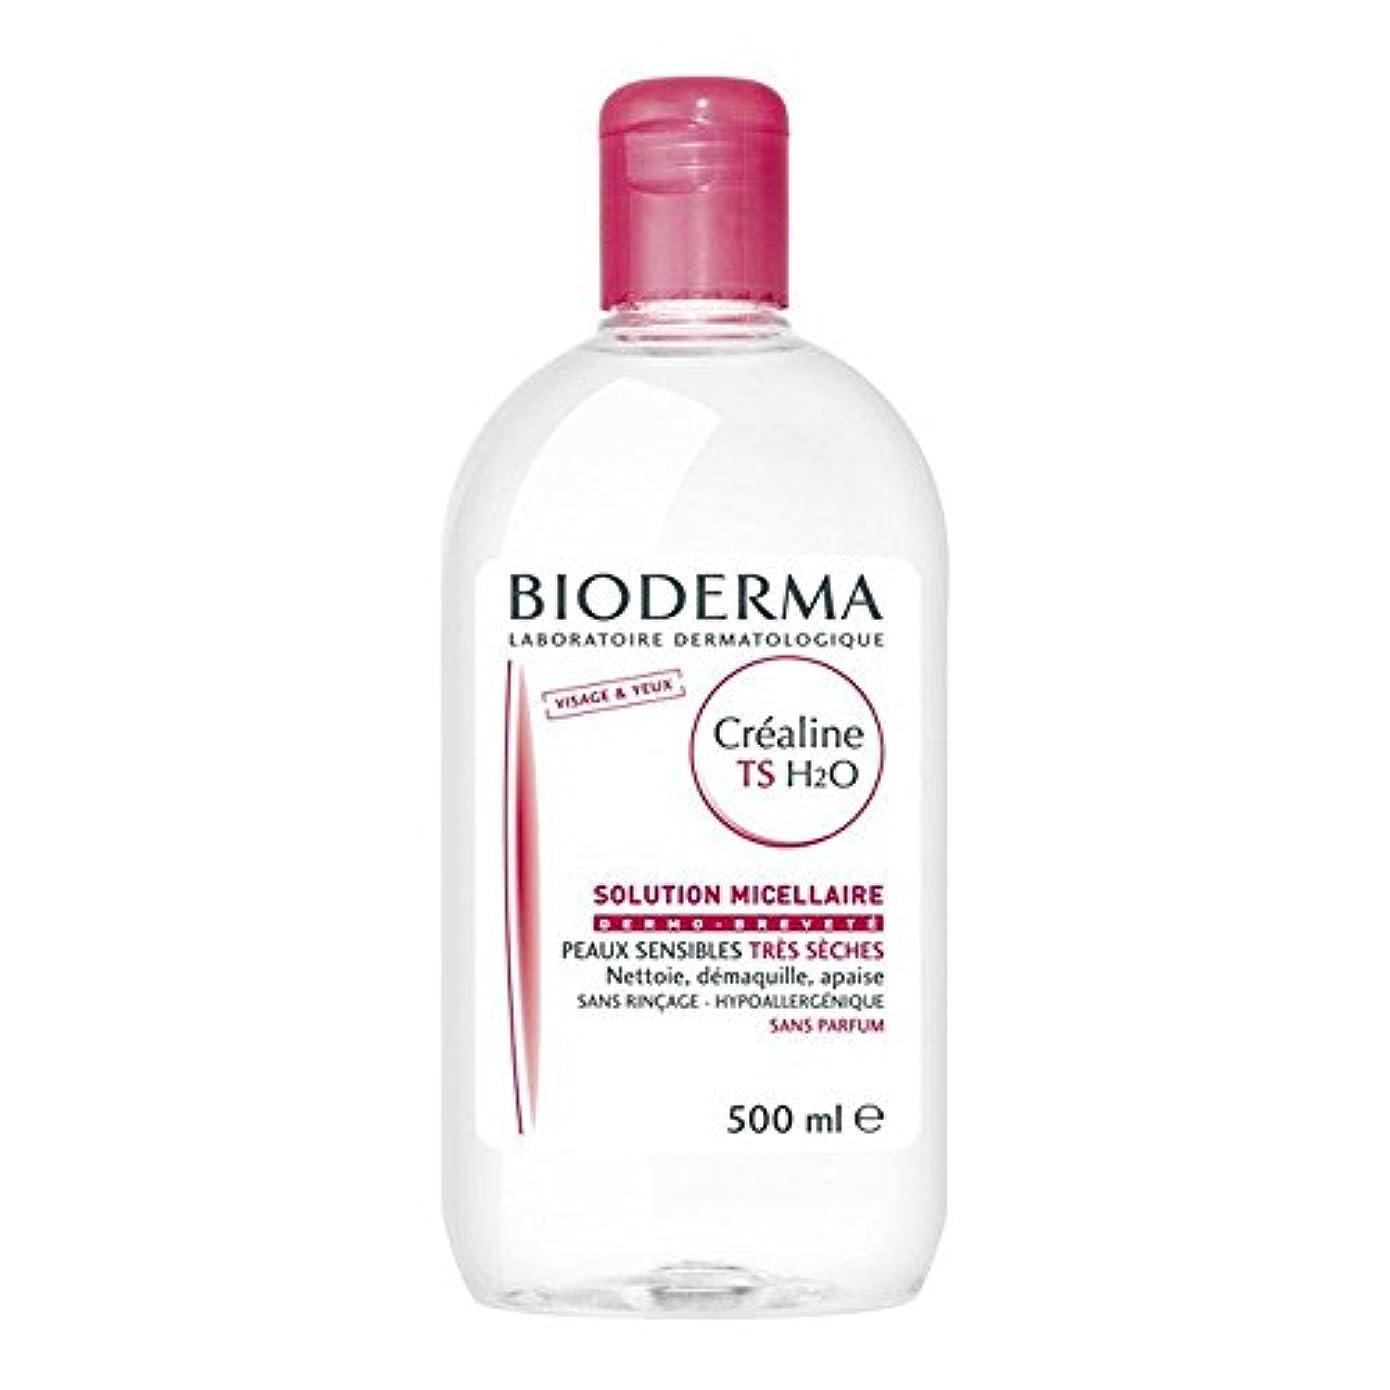 軸コンテストおばさんビオデルマ[BIODERMA]サンシビオH2O(エイチツーオー)TS 500ml